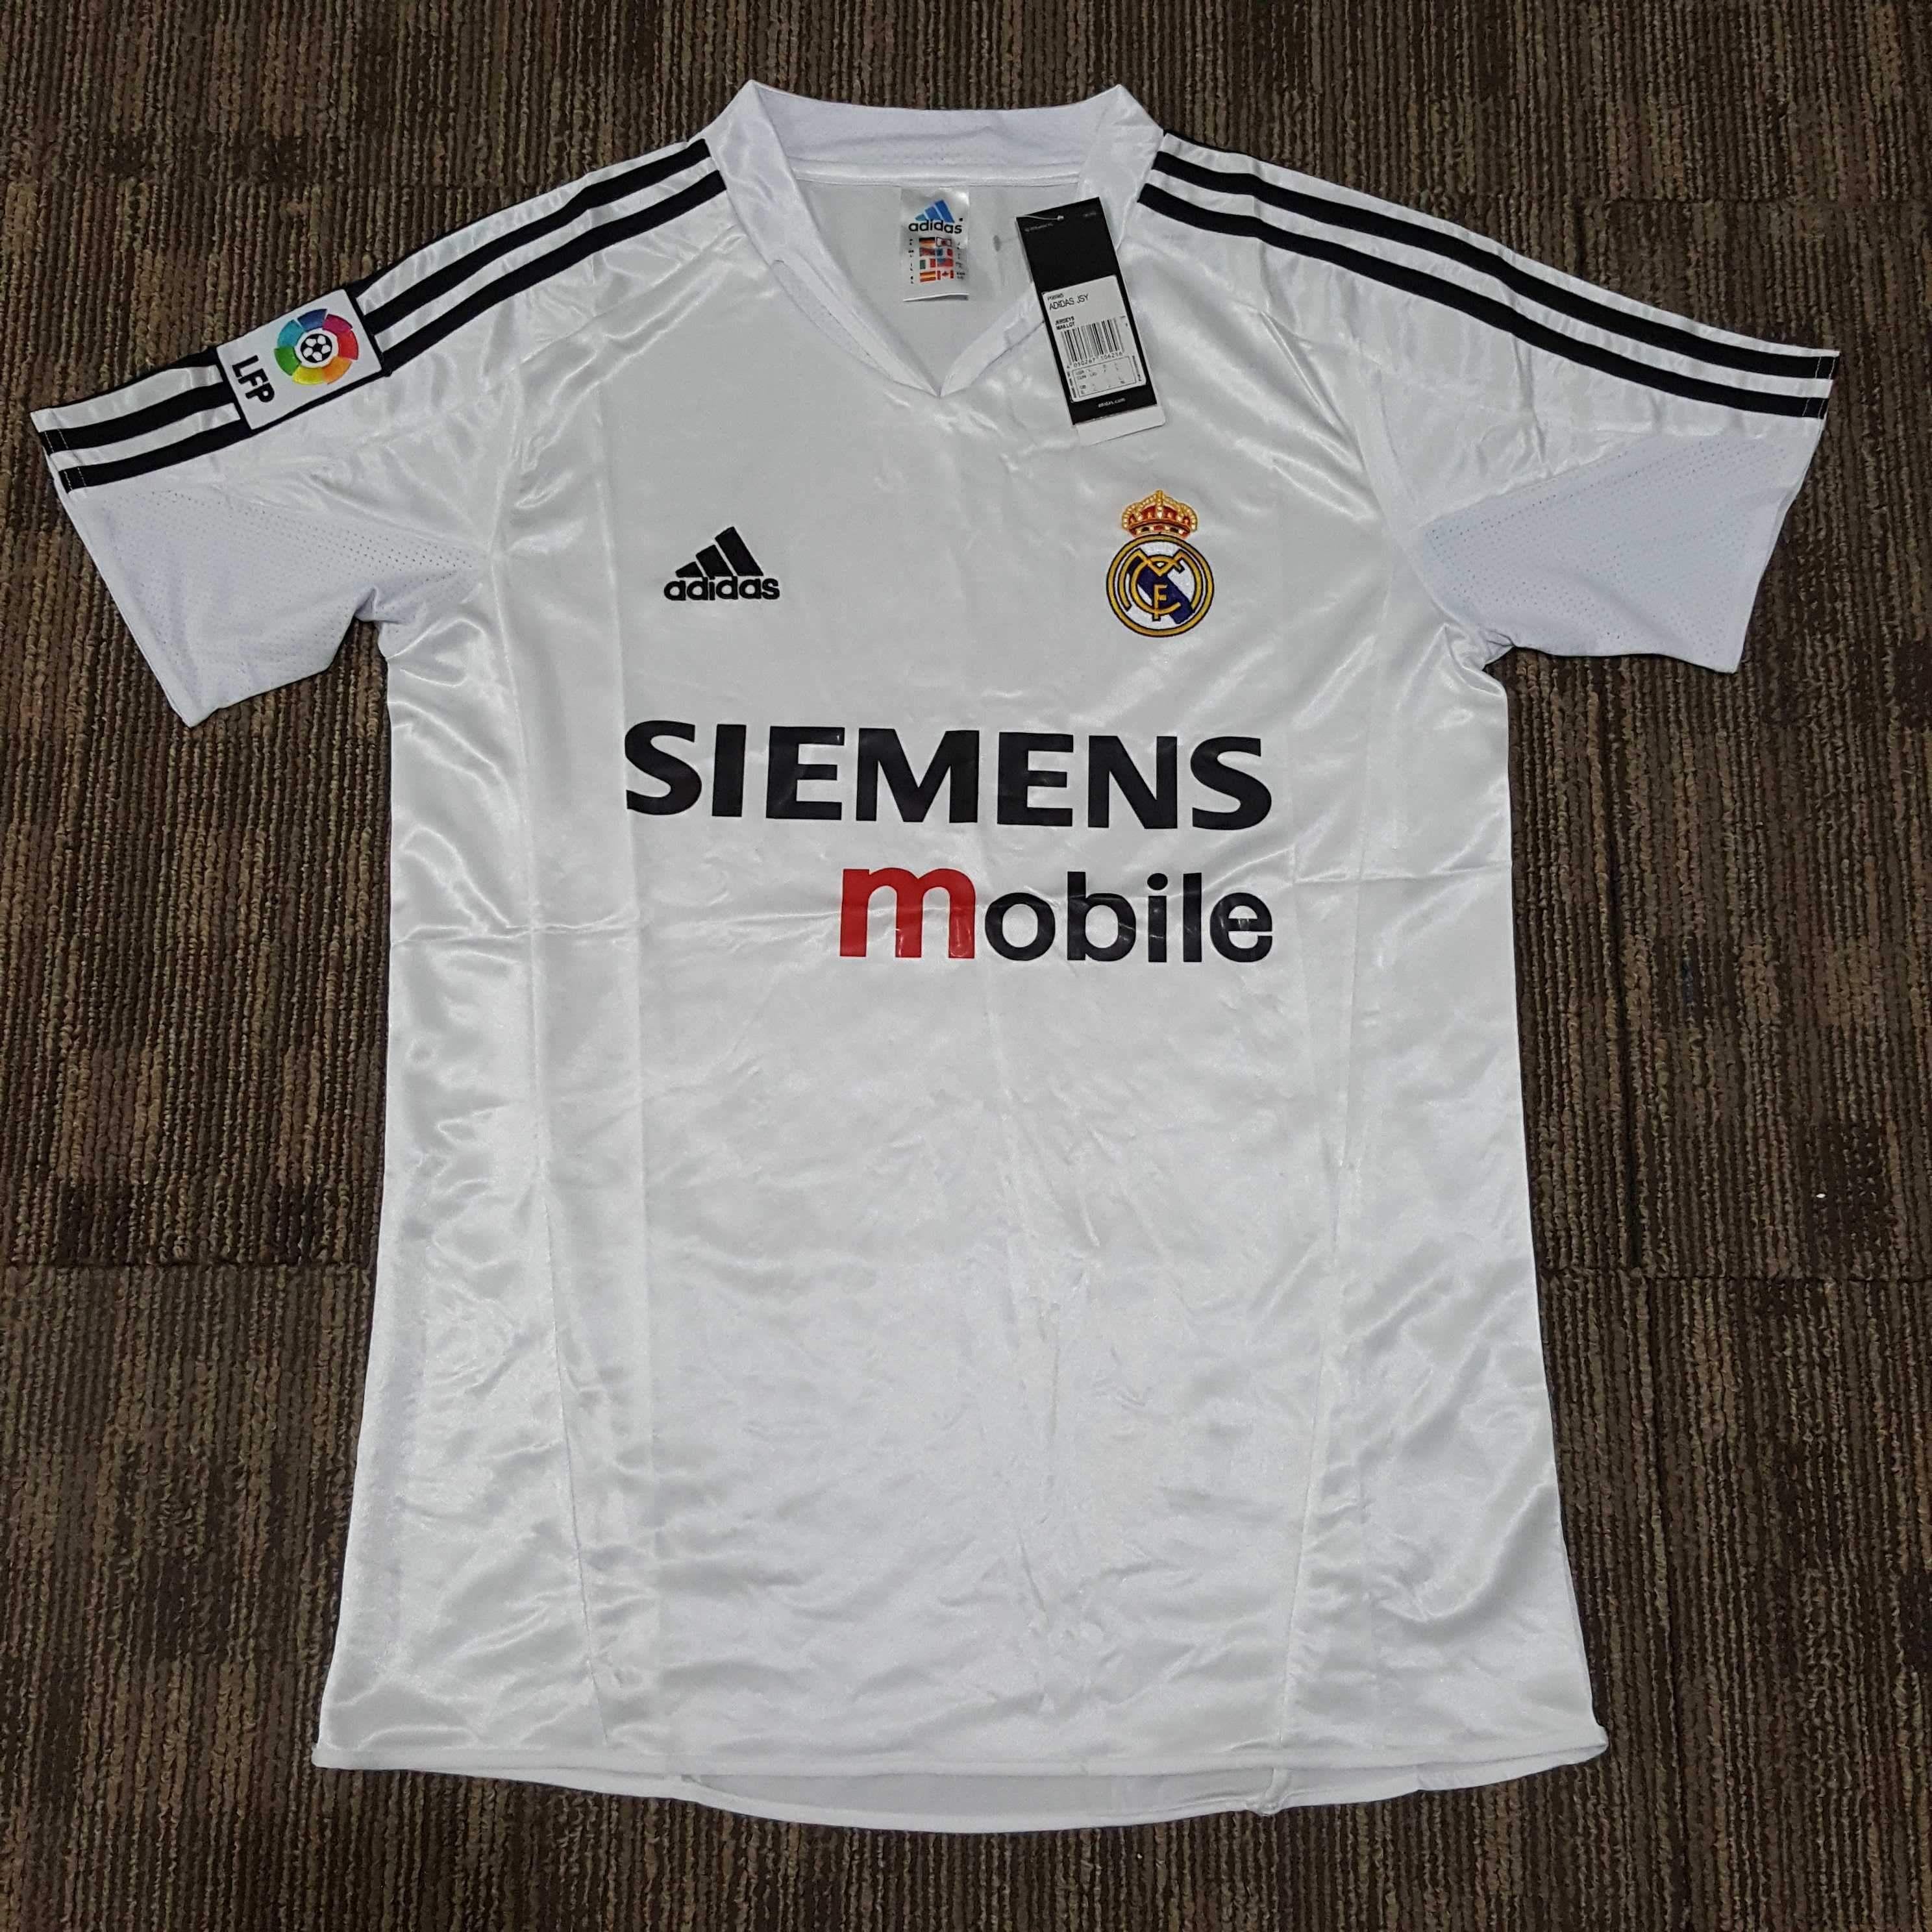 2004 05 Real Madrid Home Shirt In 2020 Vintage Football Shirts Real Madrid Shirts